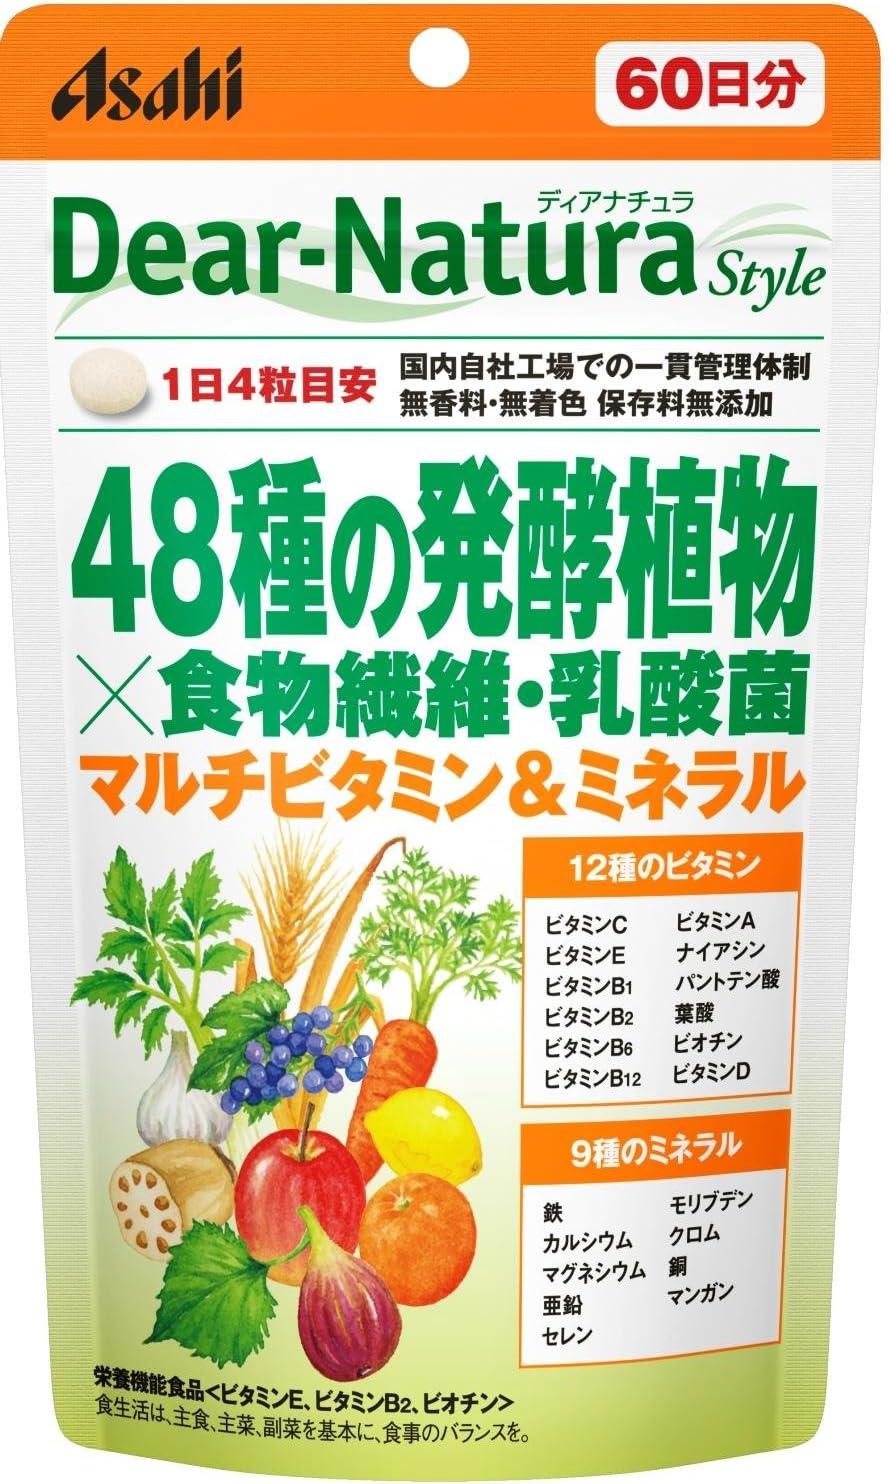 食物繊維 オススメサプリメント③